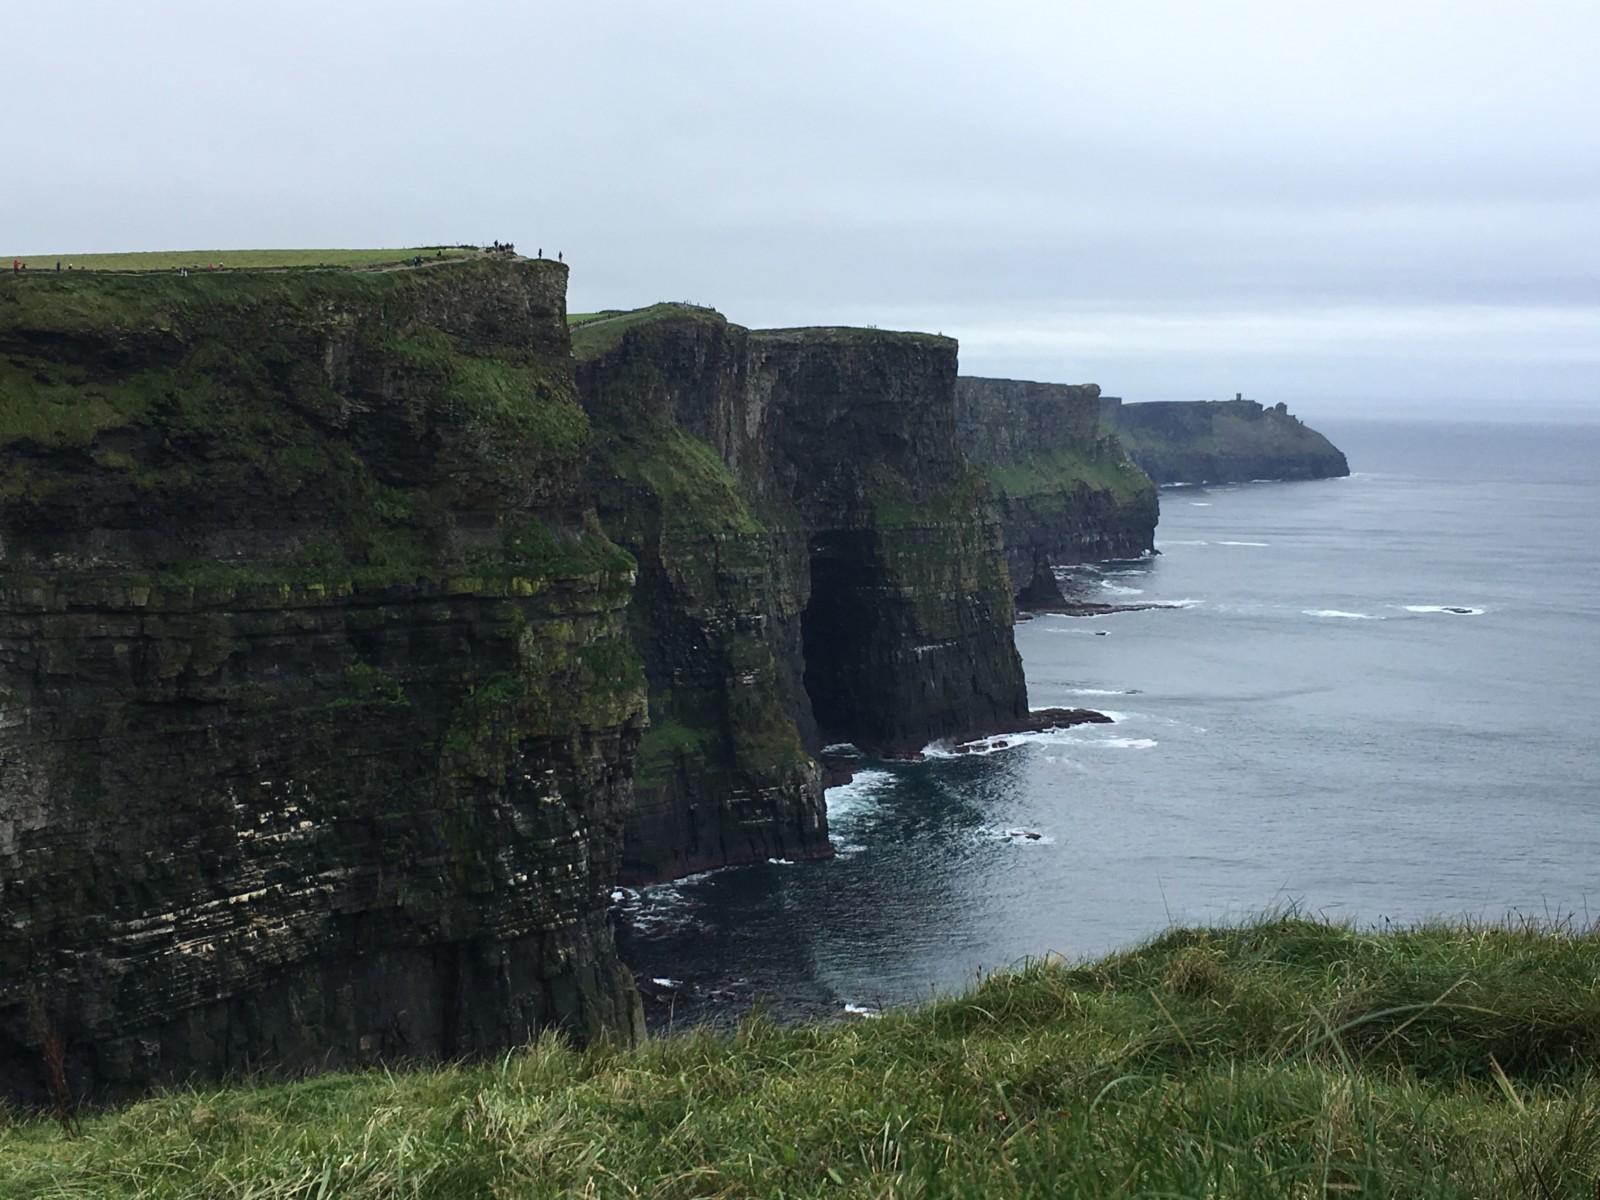 Single men seeking single women in Clare - Spark! - Irelands